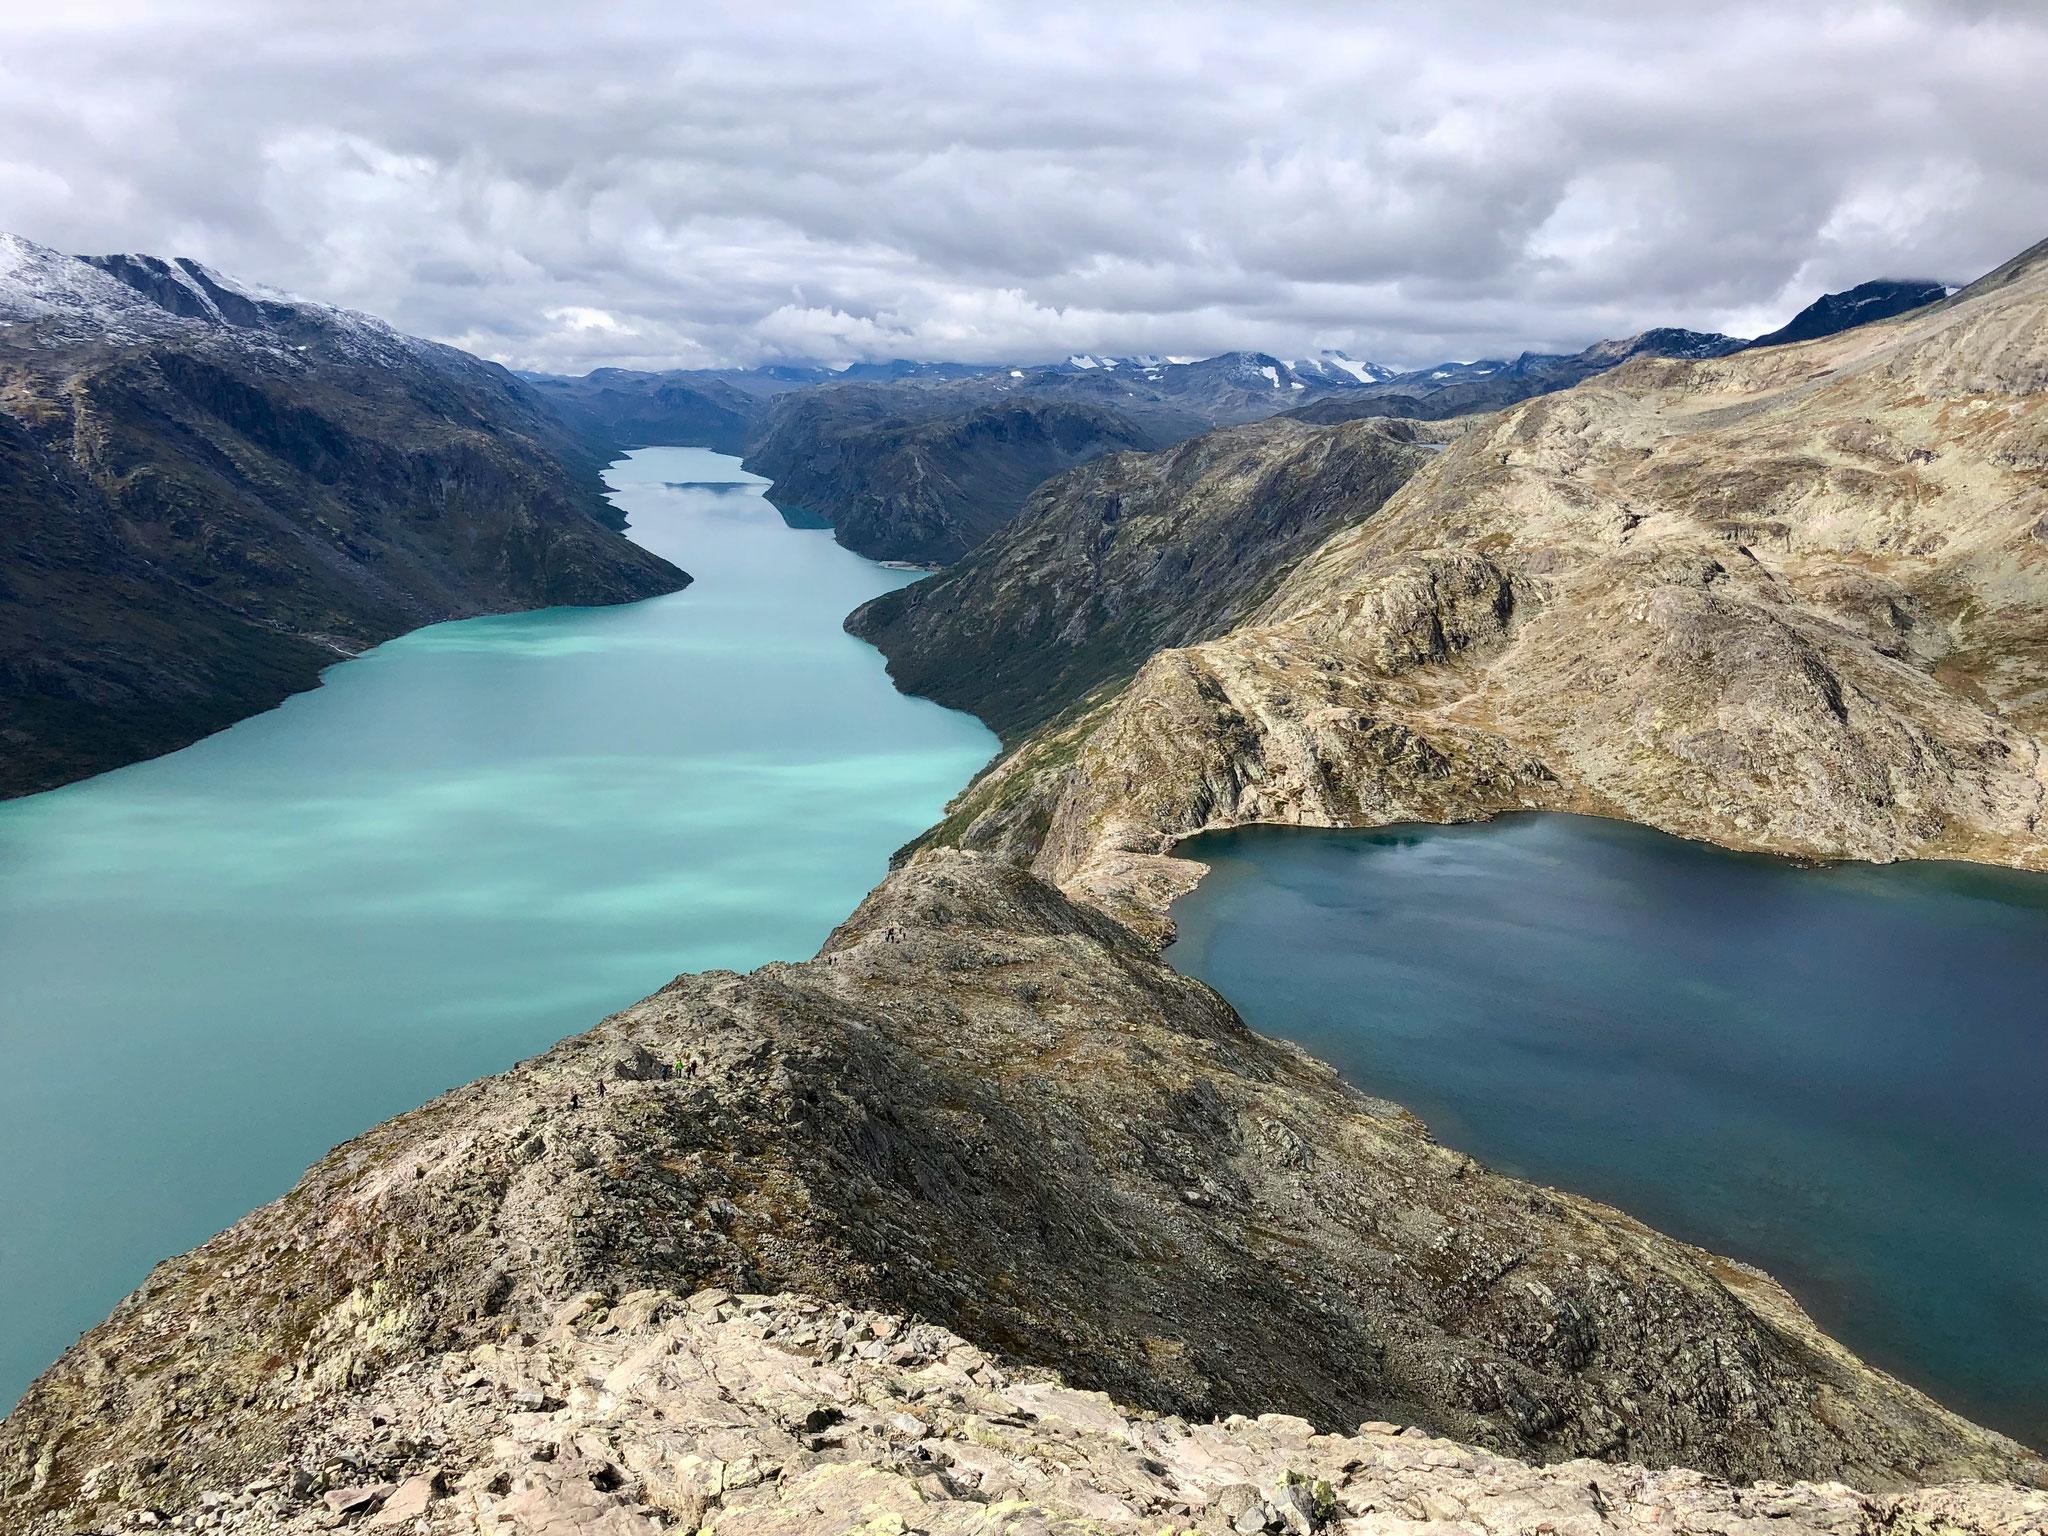 Der Blick zurück auf die beiden Seen